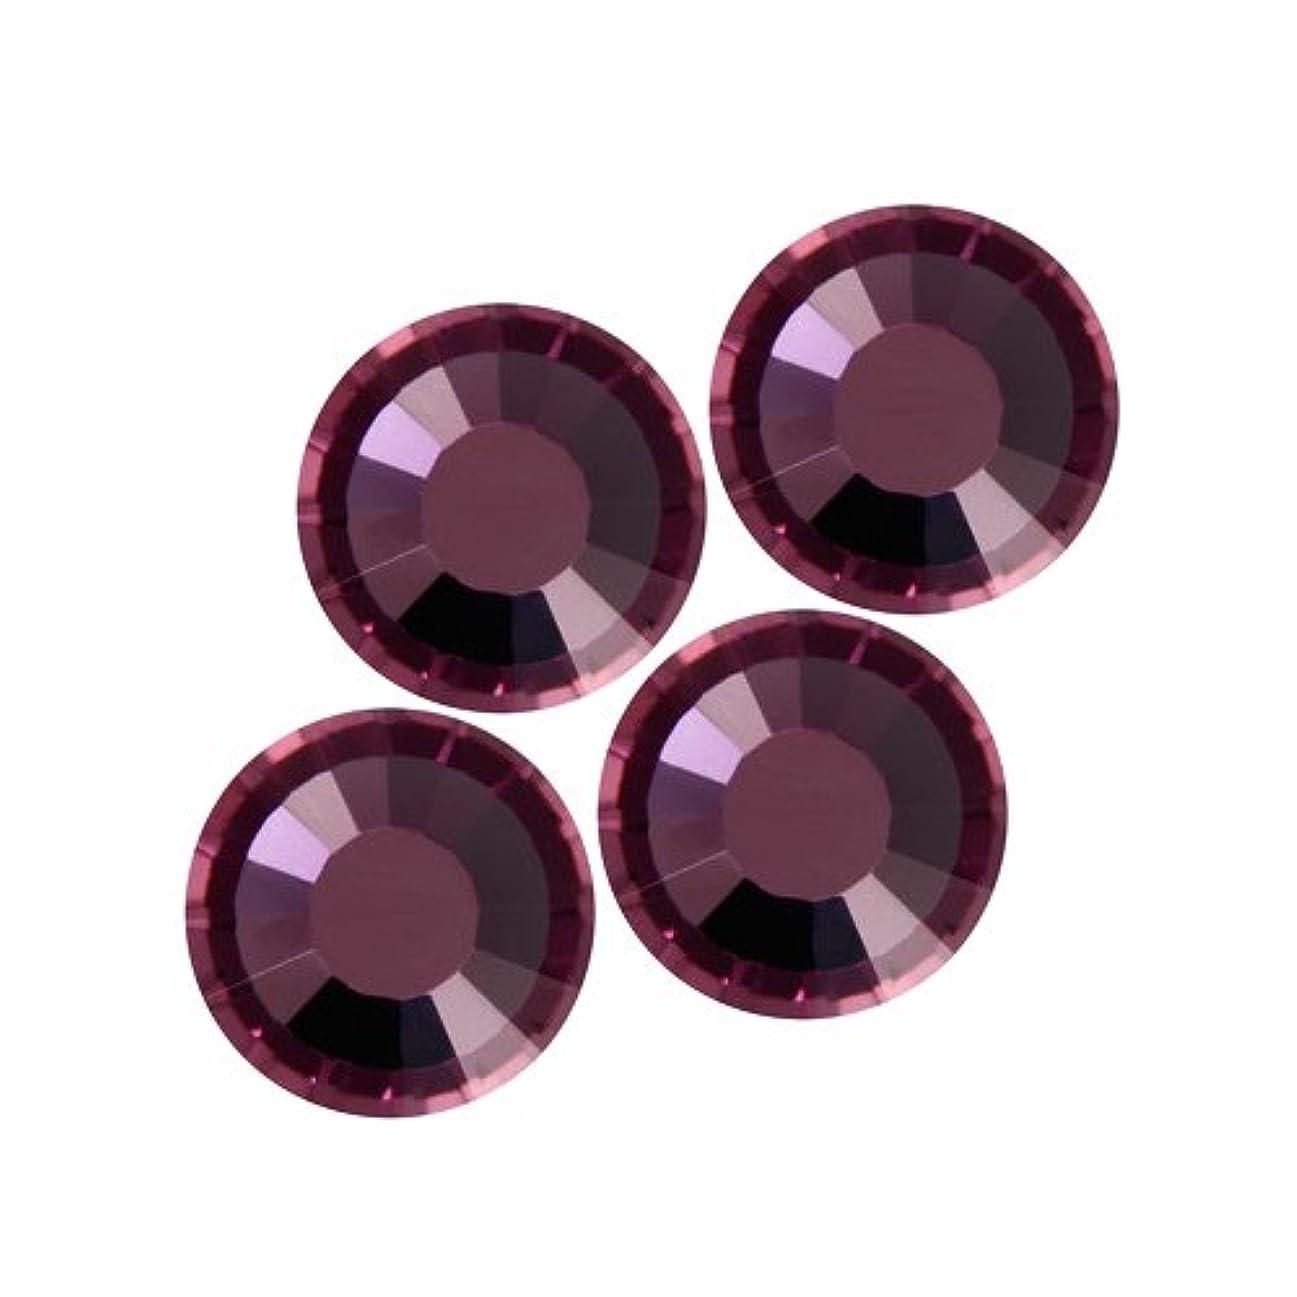 中性種こだわりバイナル DIAMOND RHINESTONE ライトアメジスト SS8 720粒 ST-SS8-LAM-5G